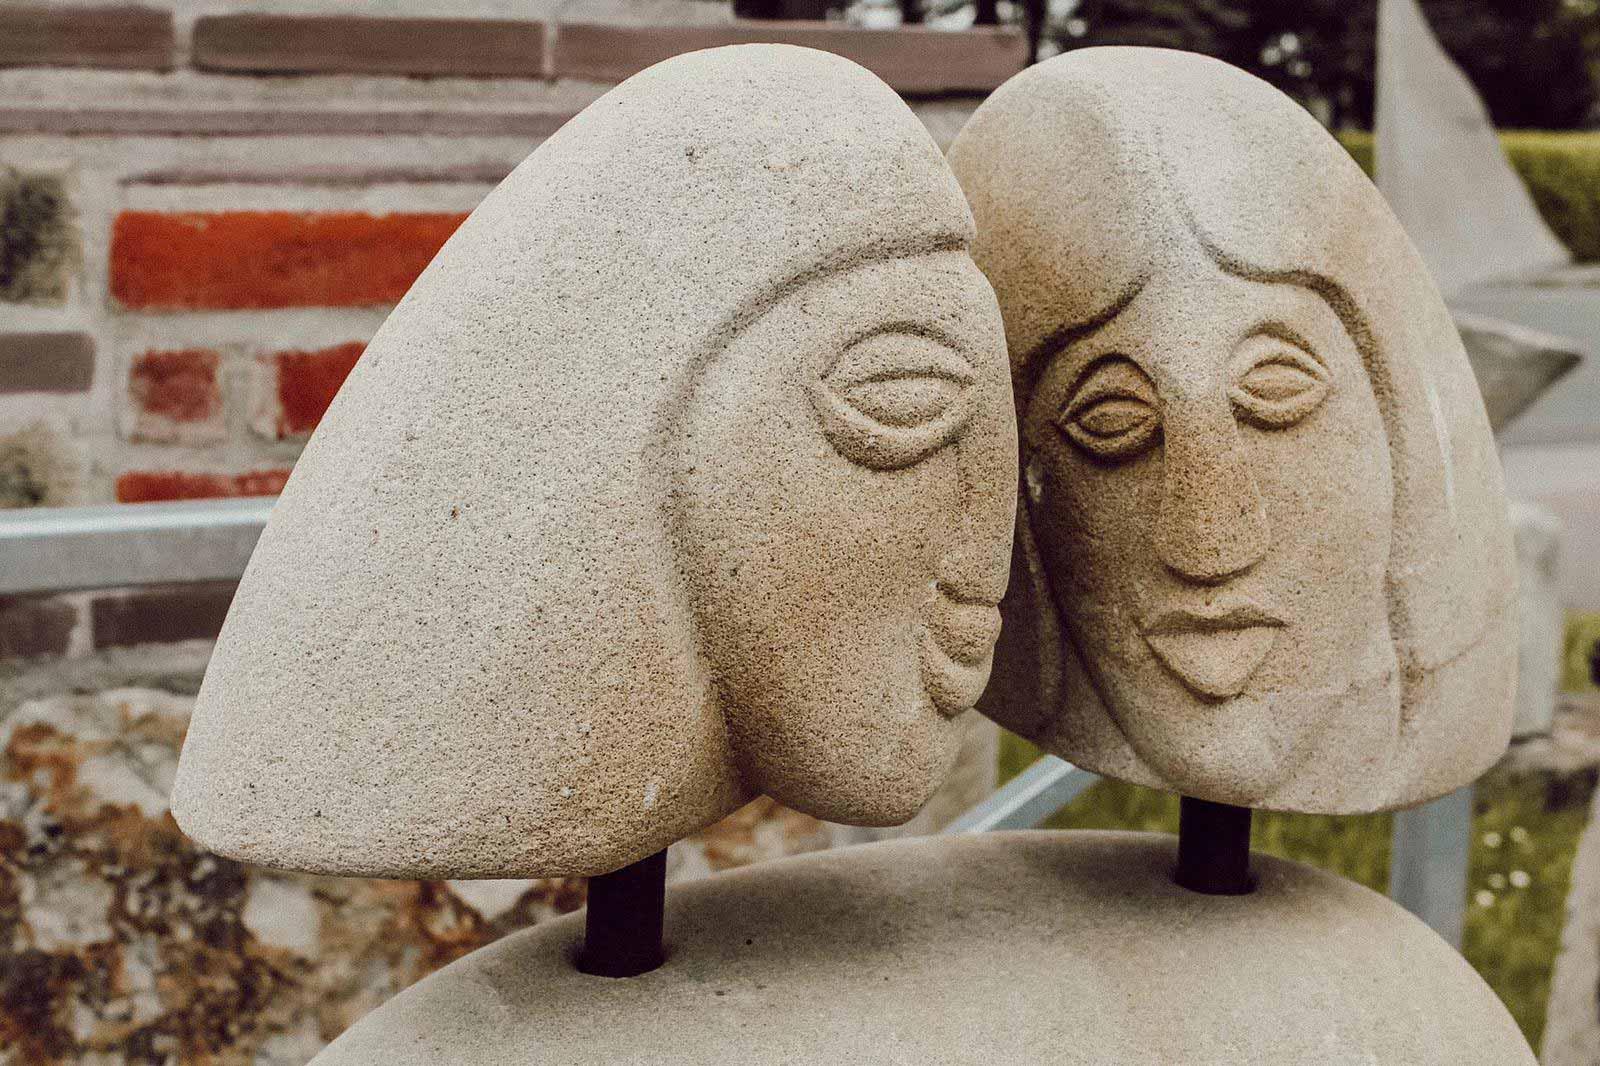 Sandsteinskulptur mit 2 Köpfen von Peter Lechelt